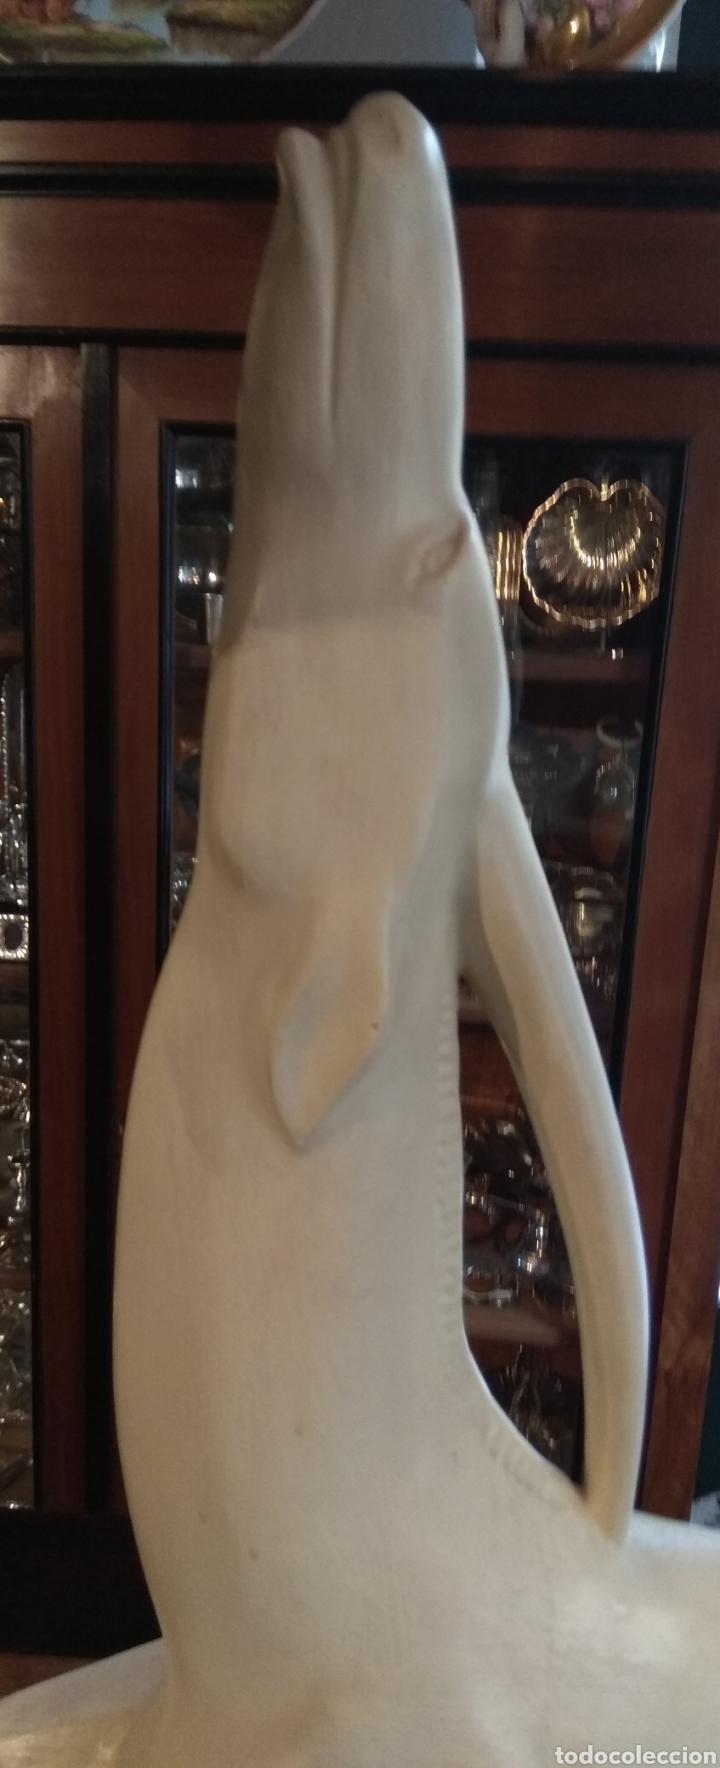 Arte: Escultura Art Deco Antílope - Foto 13 - 133251906